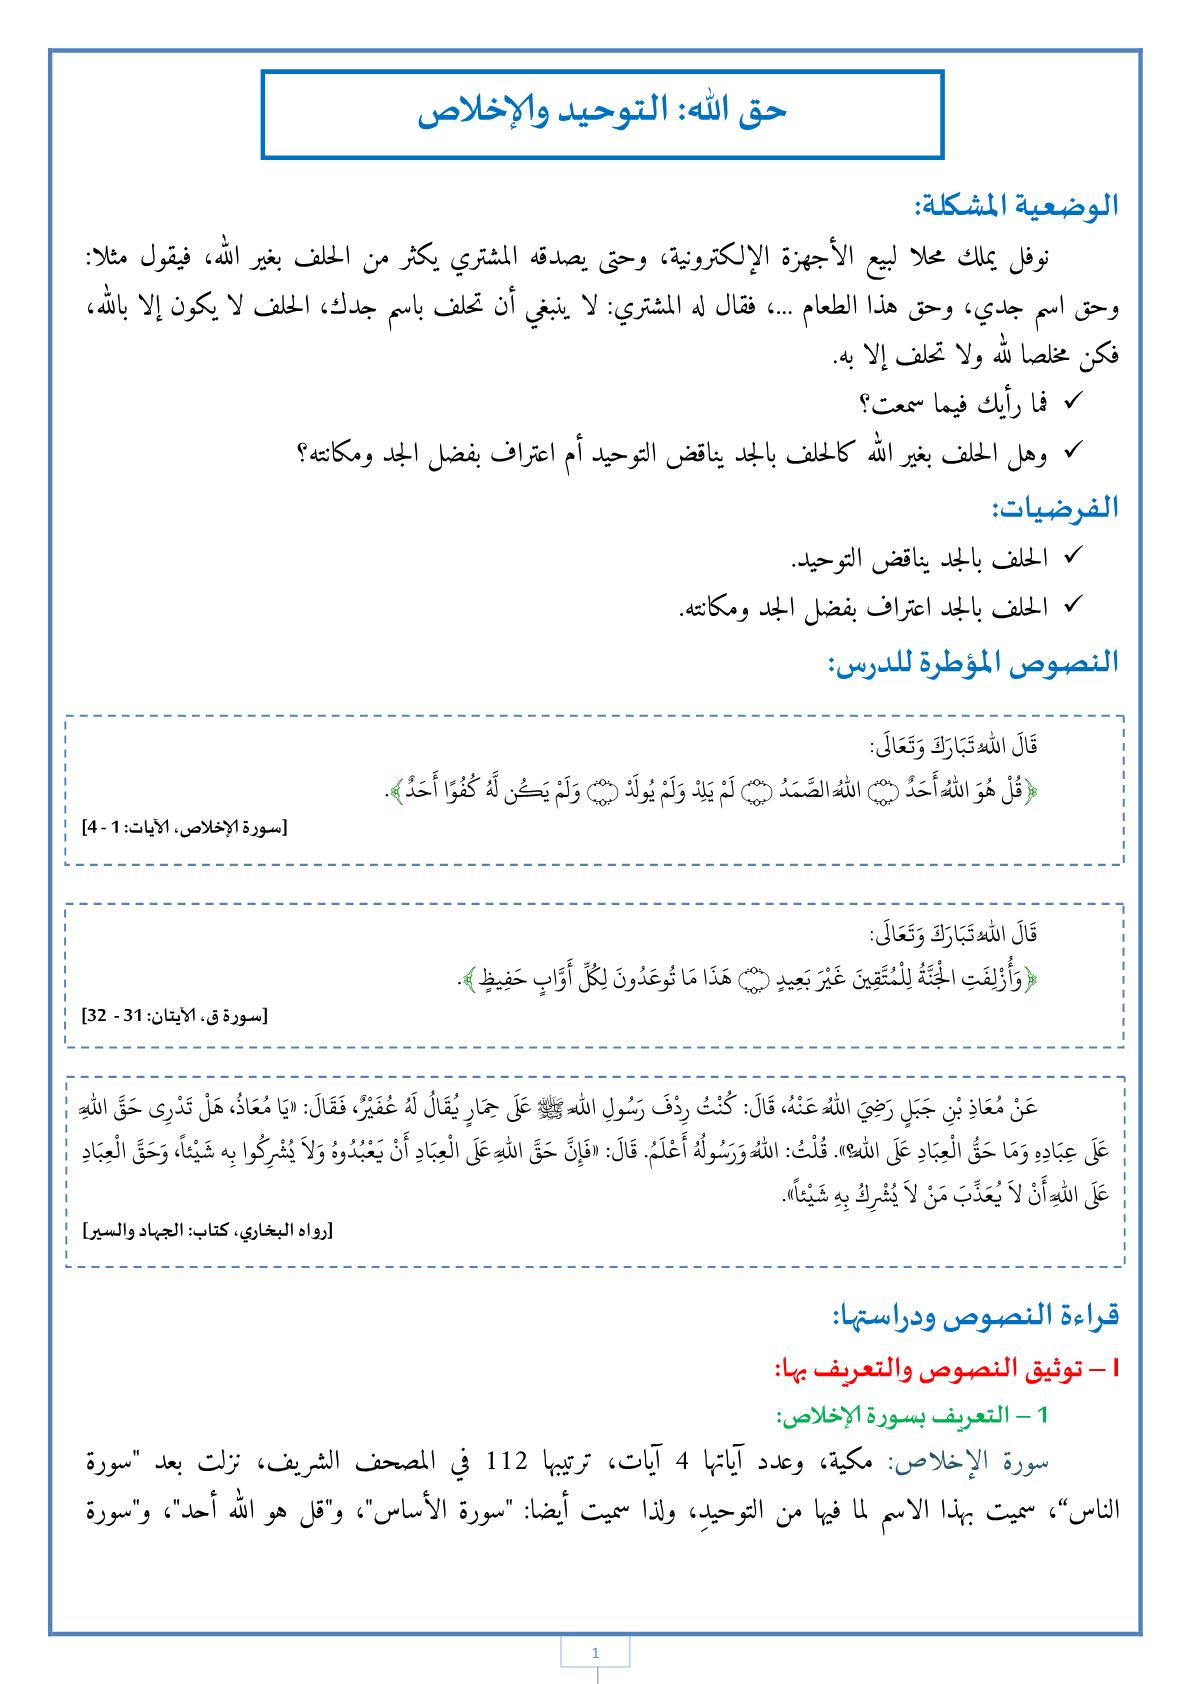 حق الله التوحيد والإخلاص مدخل القسط في رحاب التربية الاسلامية